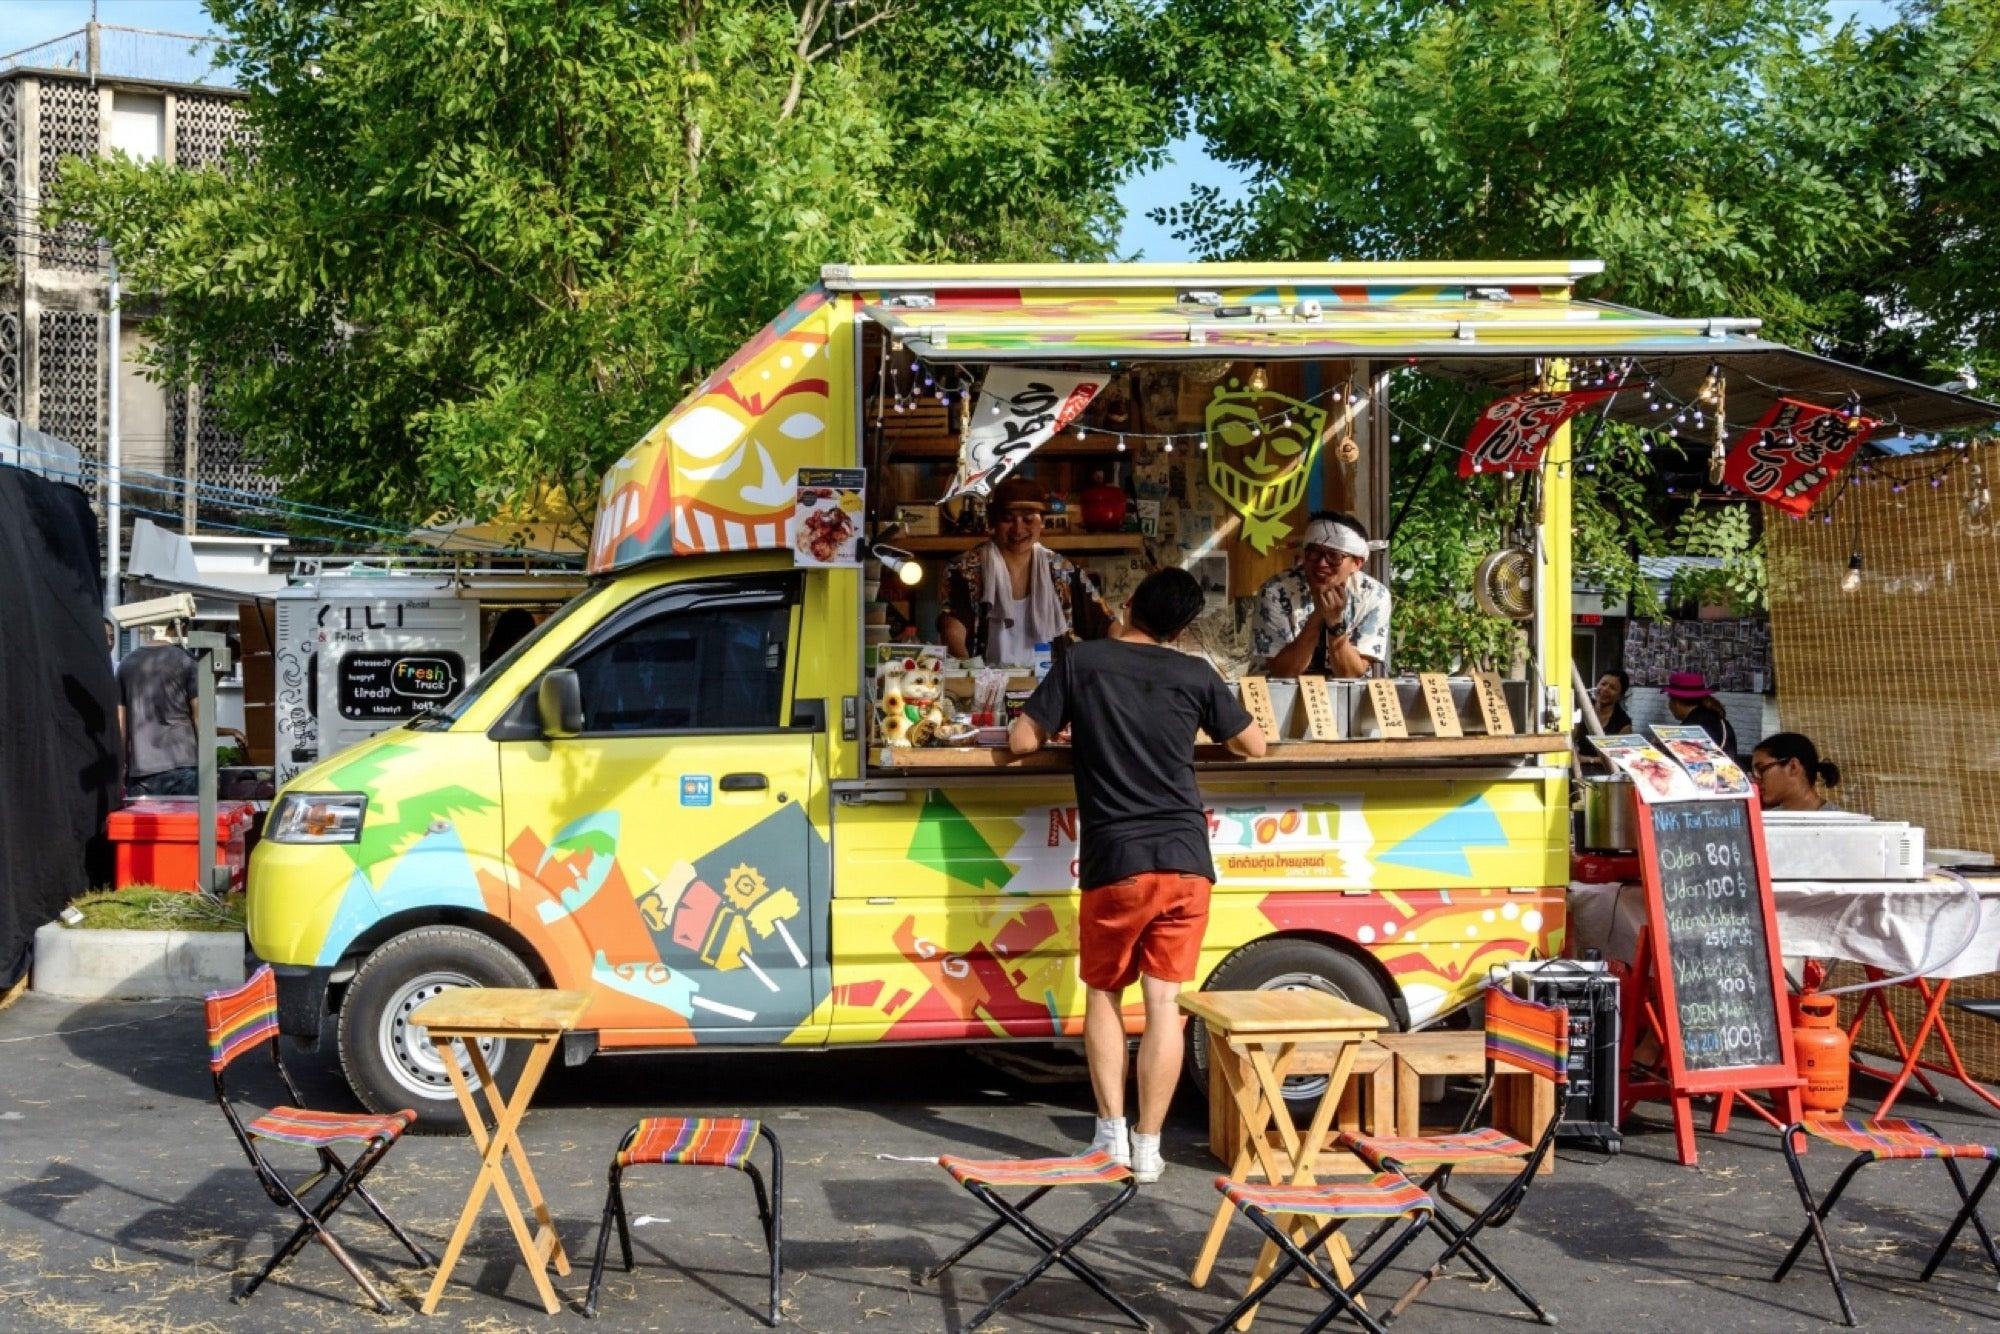 Camiones para vender comida rapida